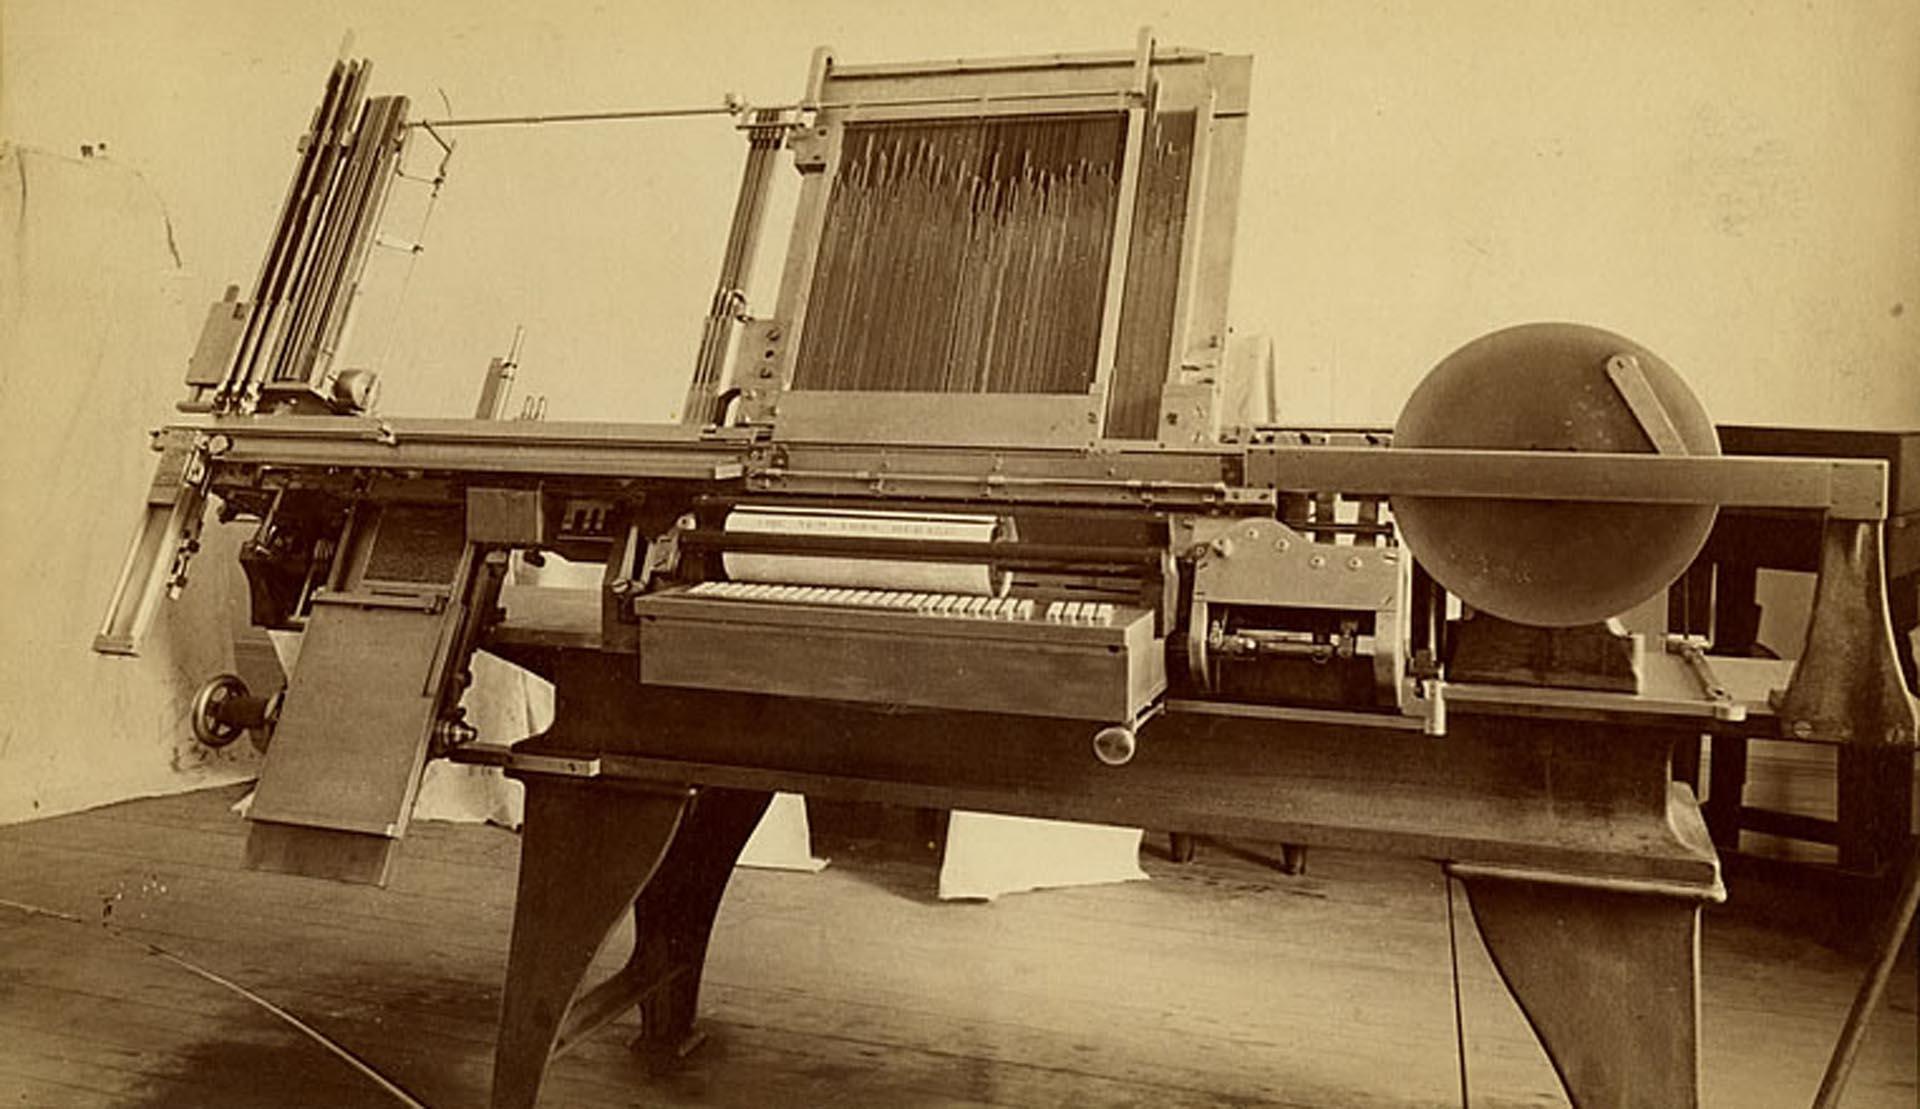 Twain invirtió una fortuna en la máquina para sustituir el tipógrafo de James W. Paige, pero falló